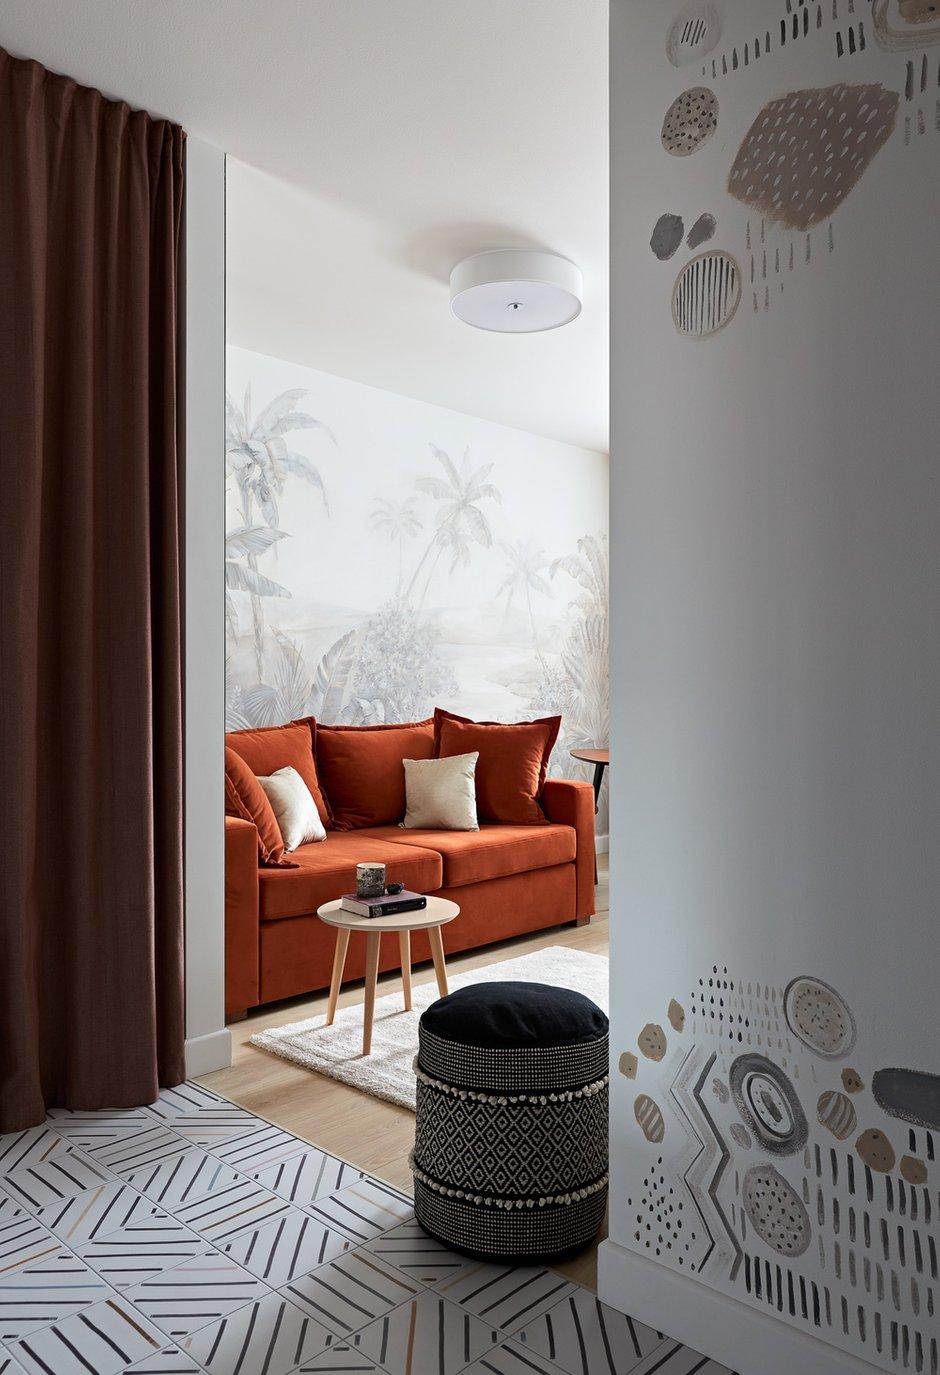 Роспись на стене в прихожей перекликается с рисунком на плитке.